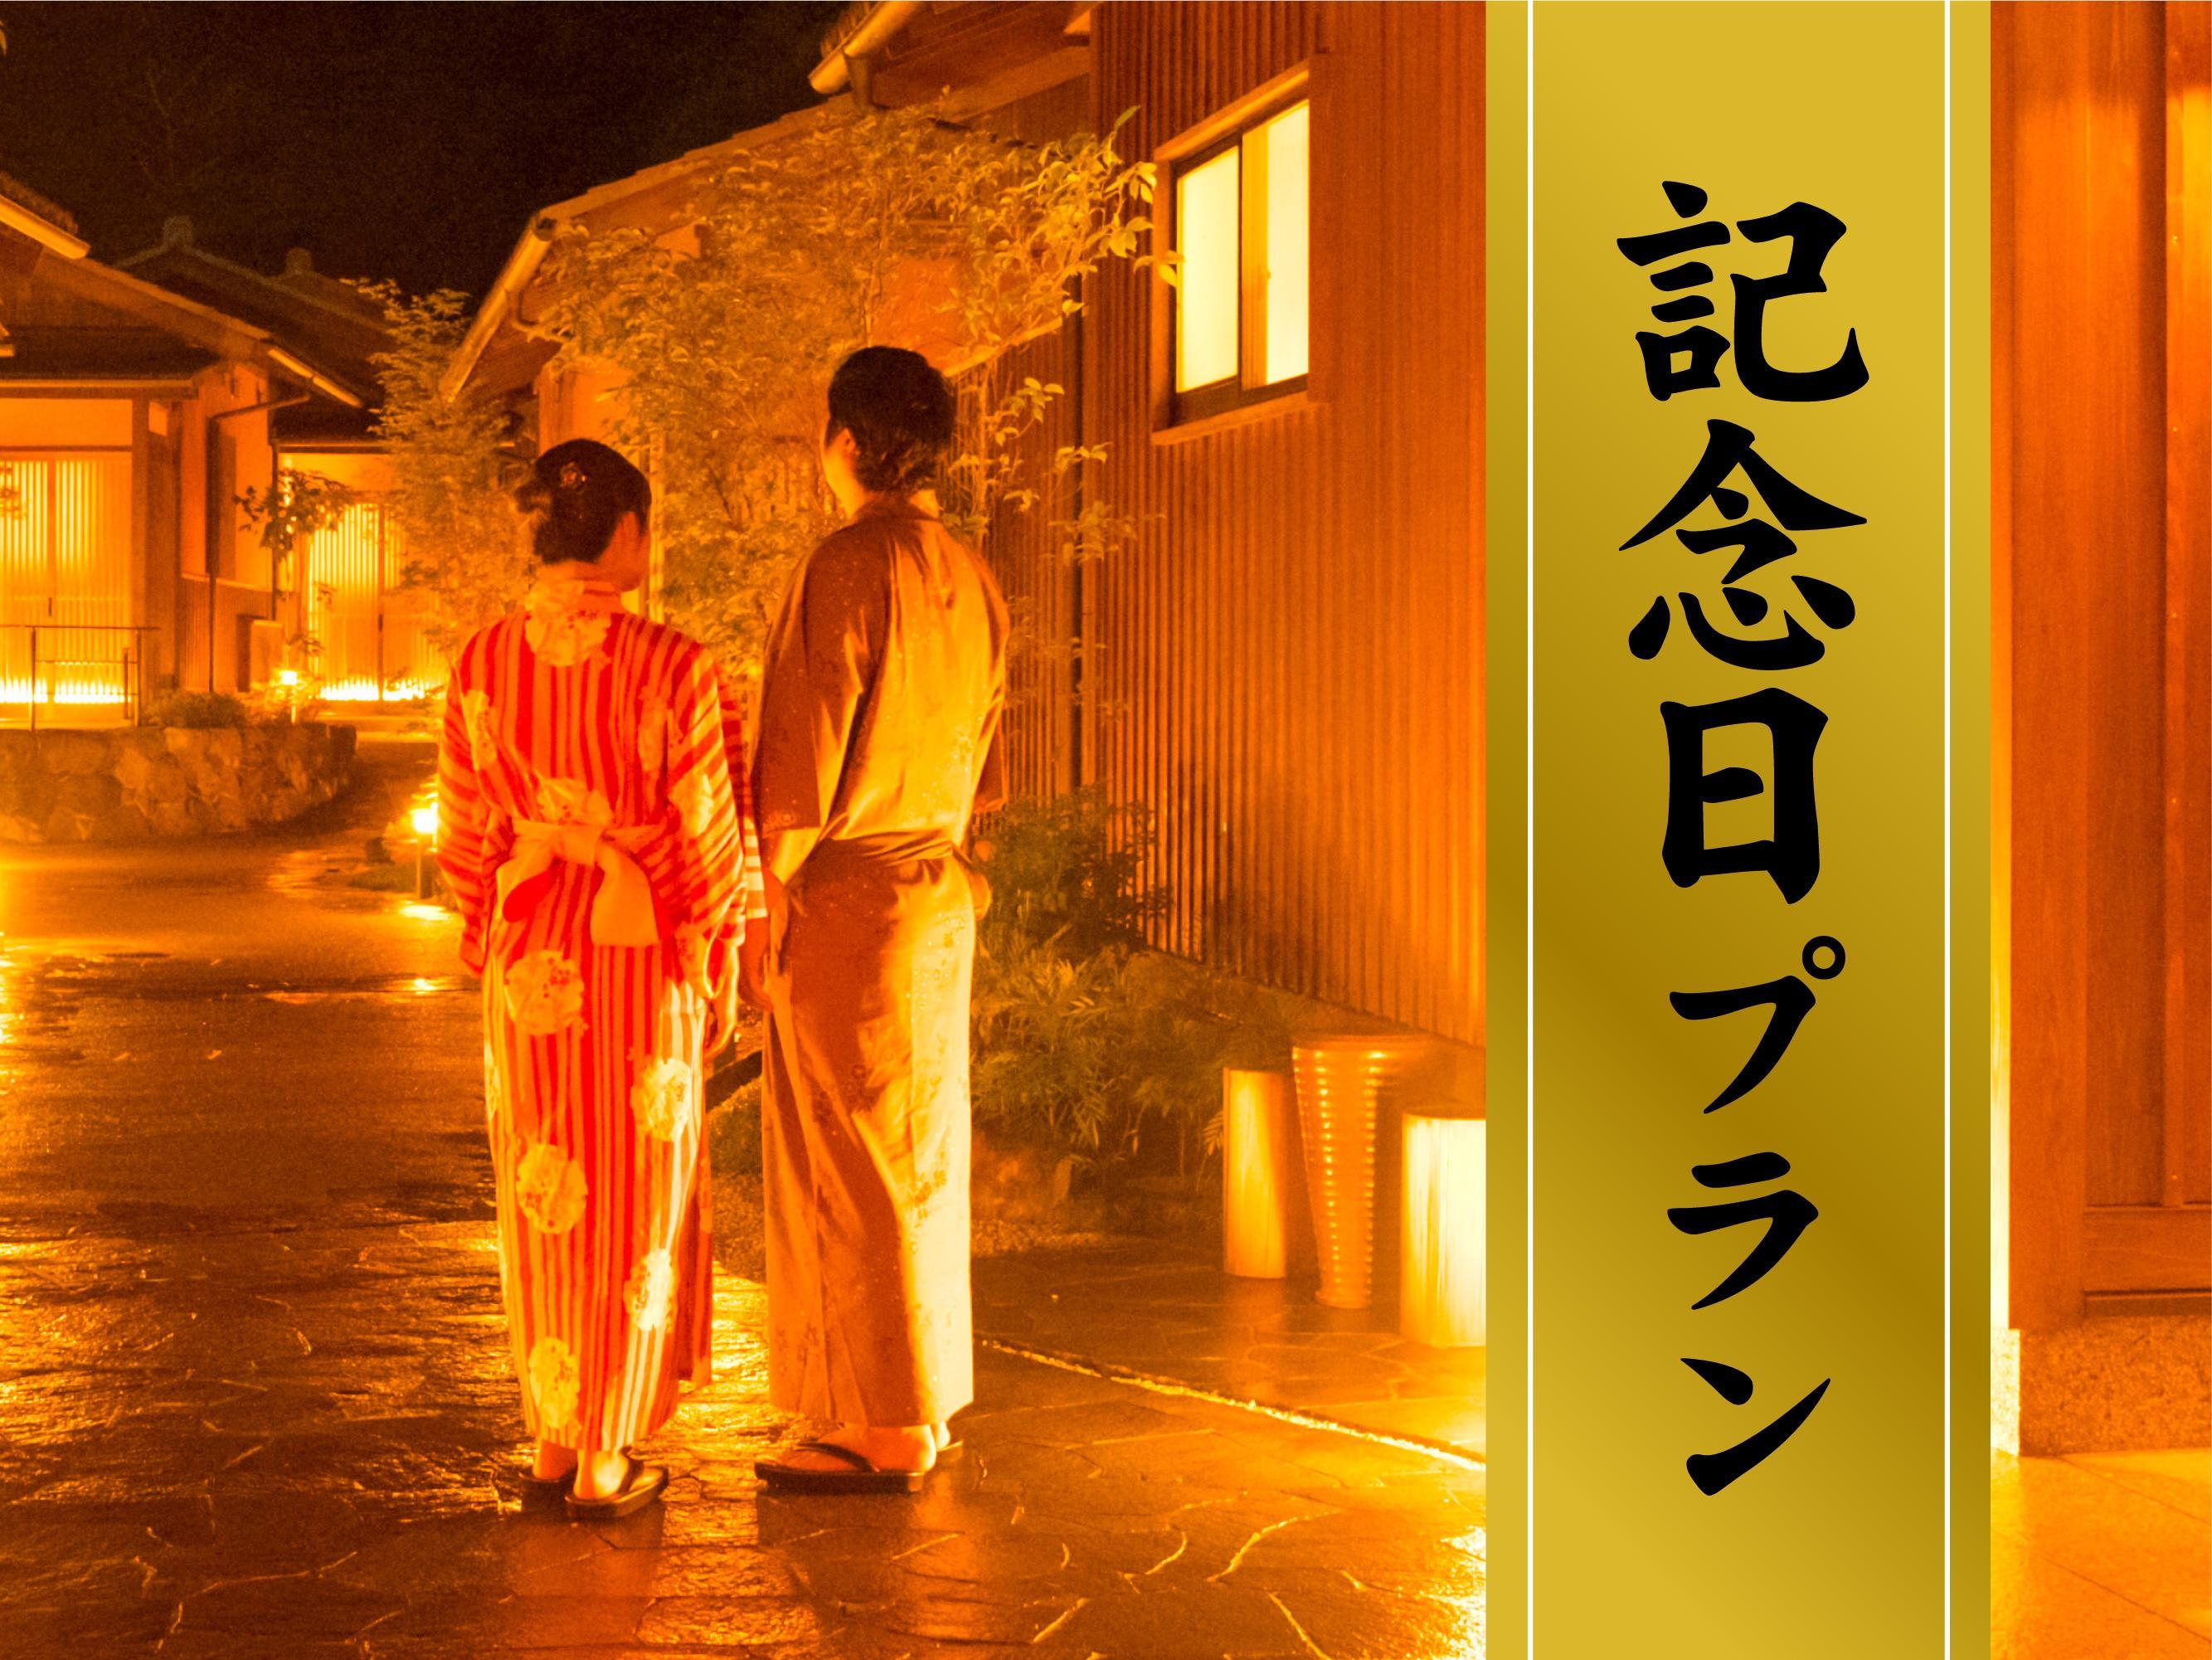 【大人の記念日】~プライベート空間で過ごす贅沢時間~『記念日プラン』お祝い特典付(1泊2食付)